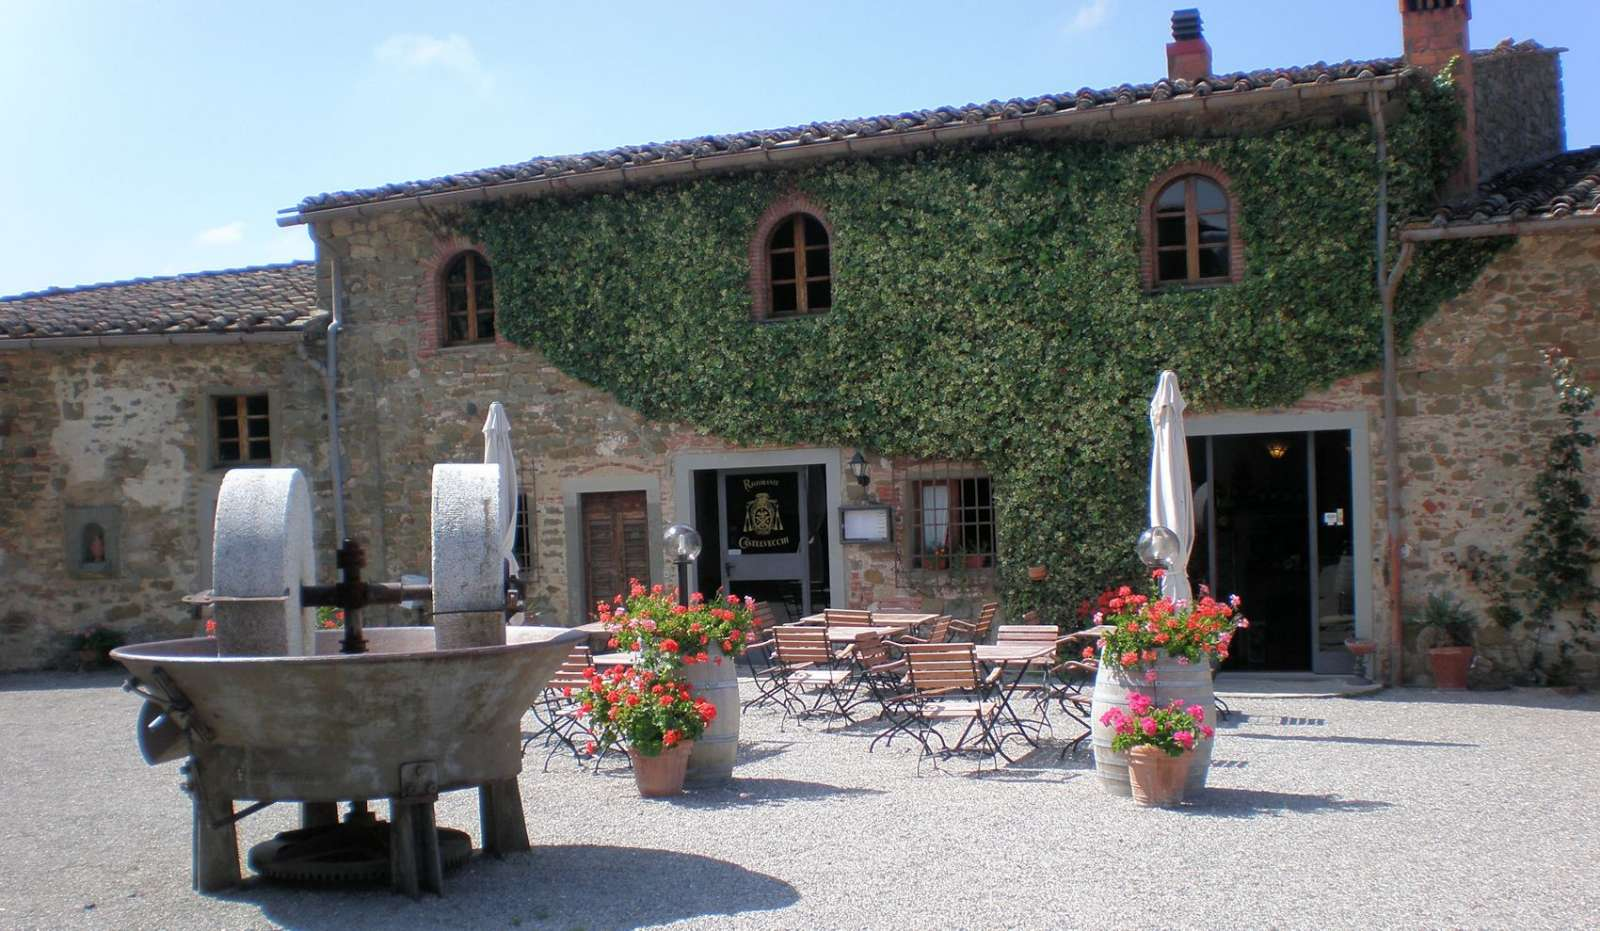 Det lille spisested på Castelvecchi torv